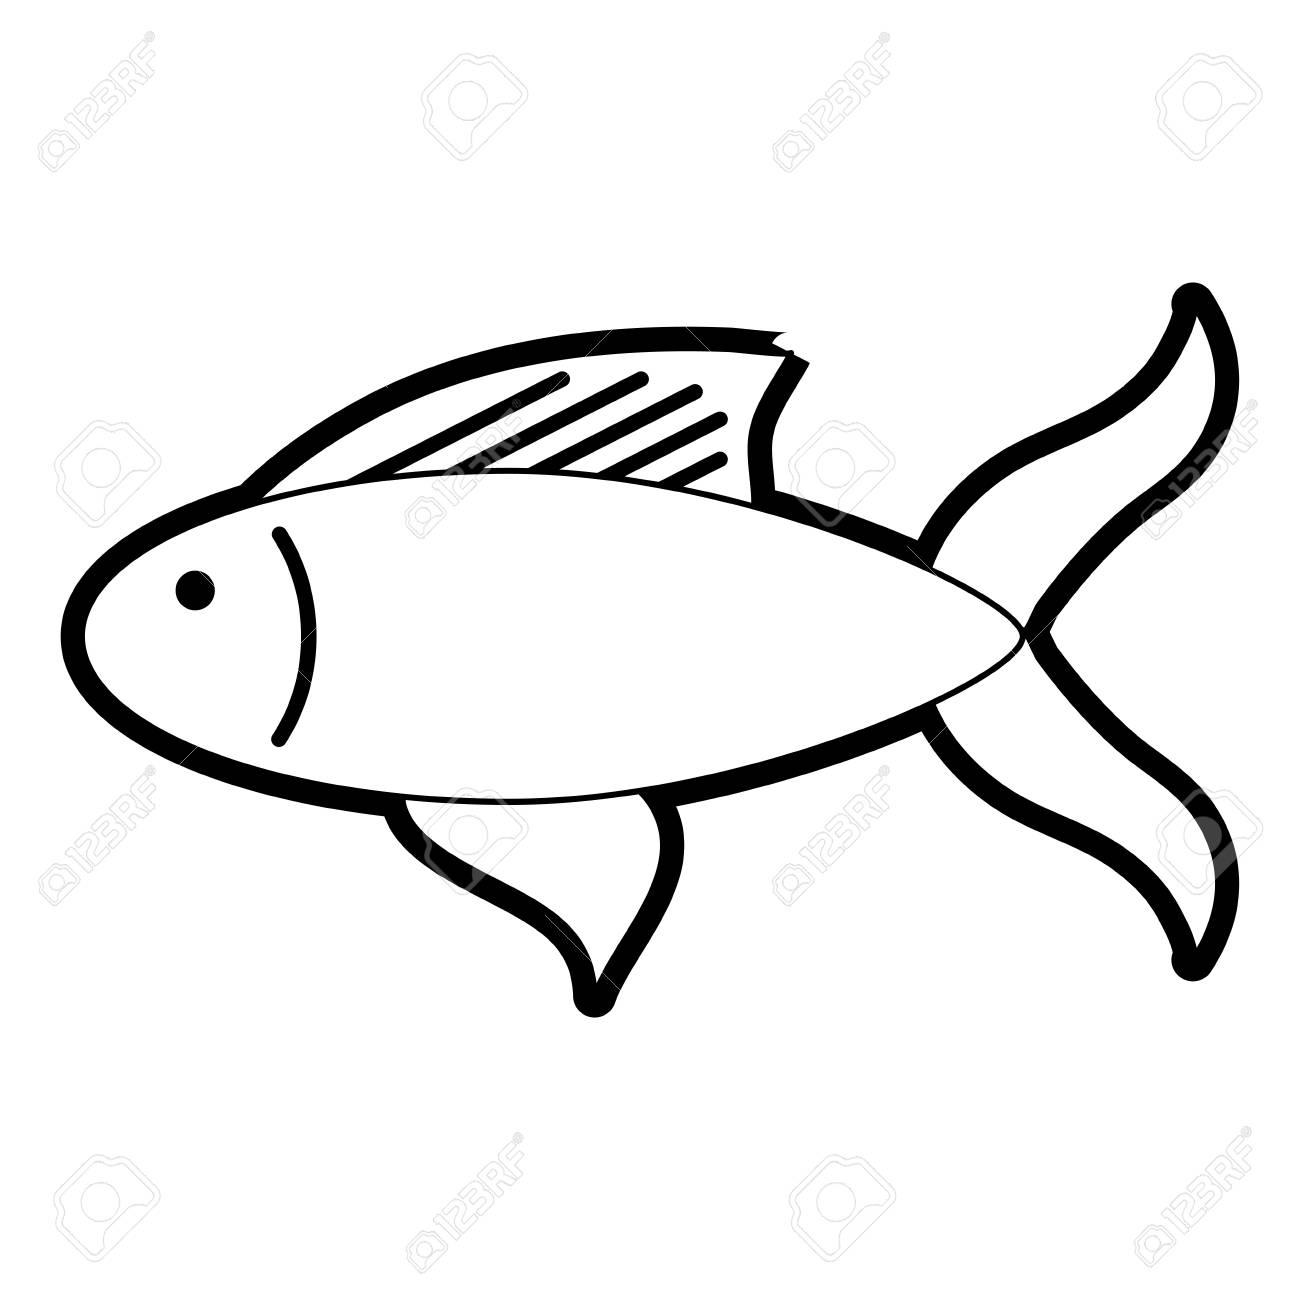 Fried Fish Drawing At Getdrawings